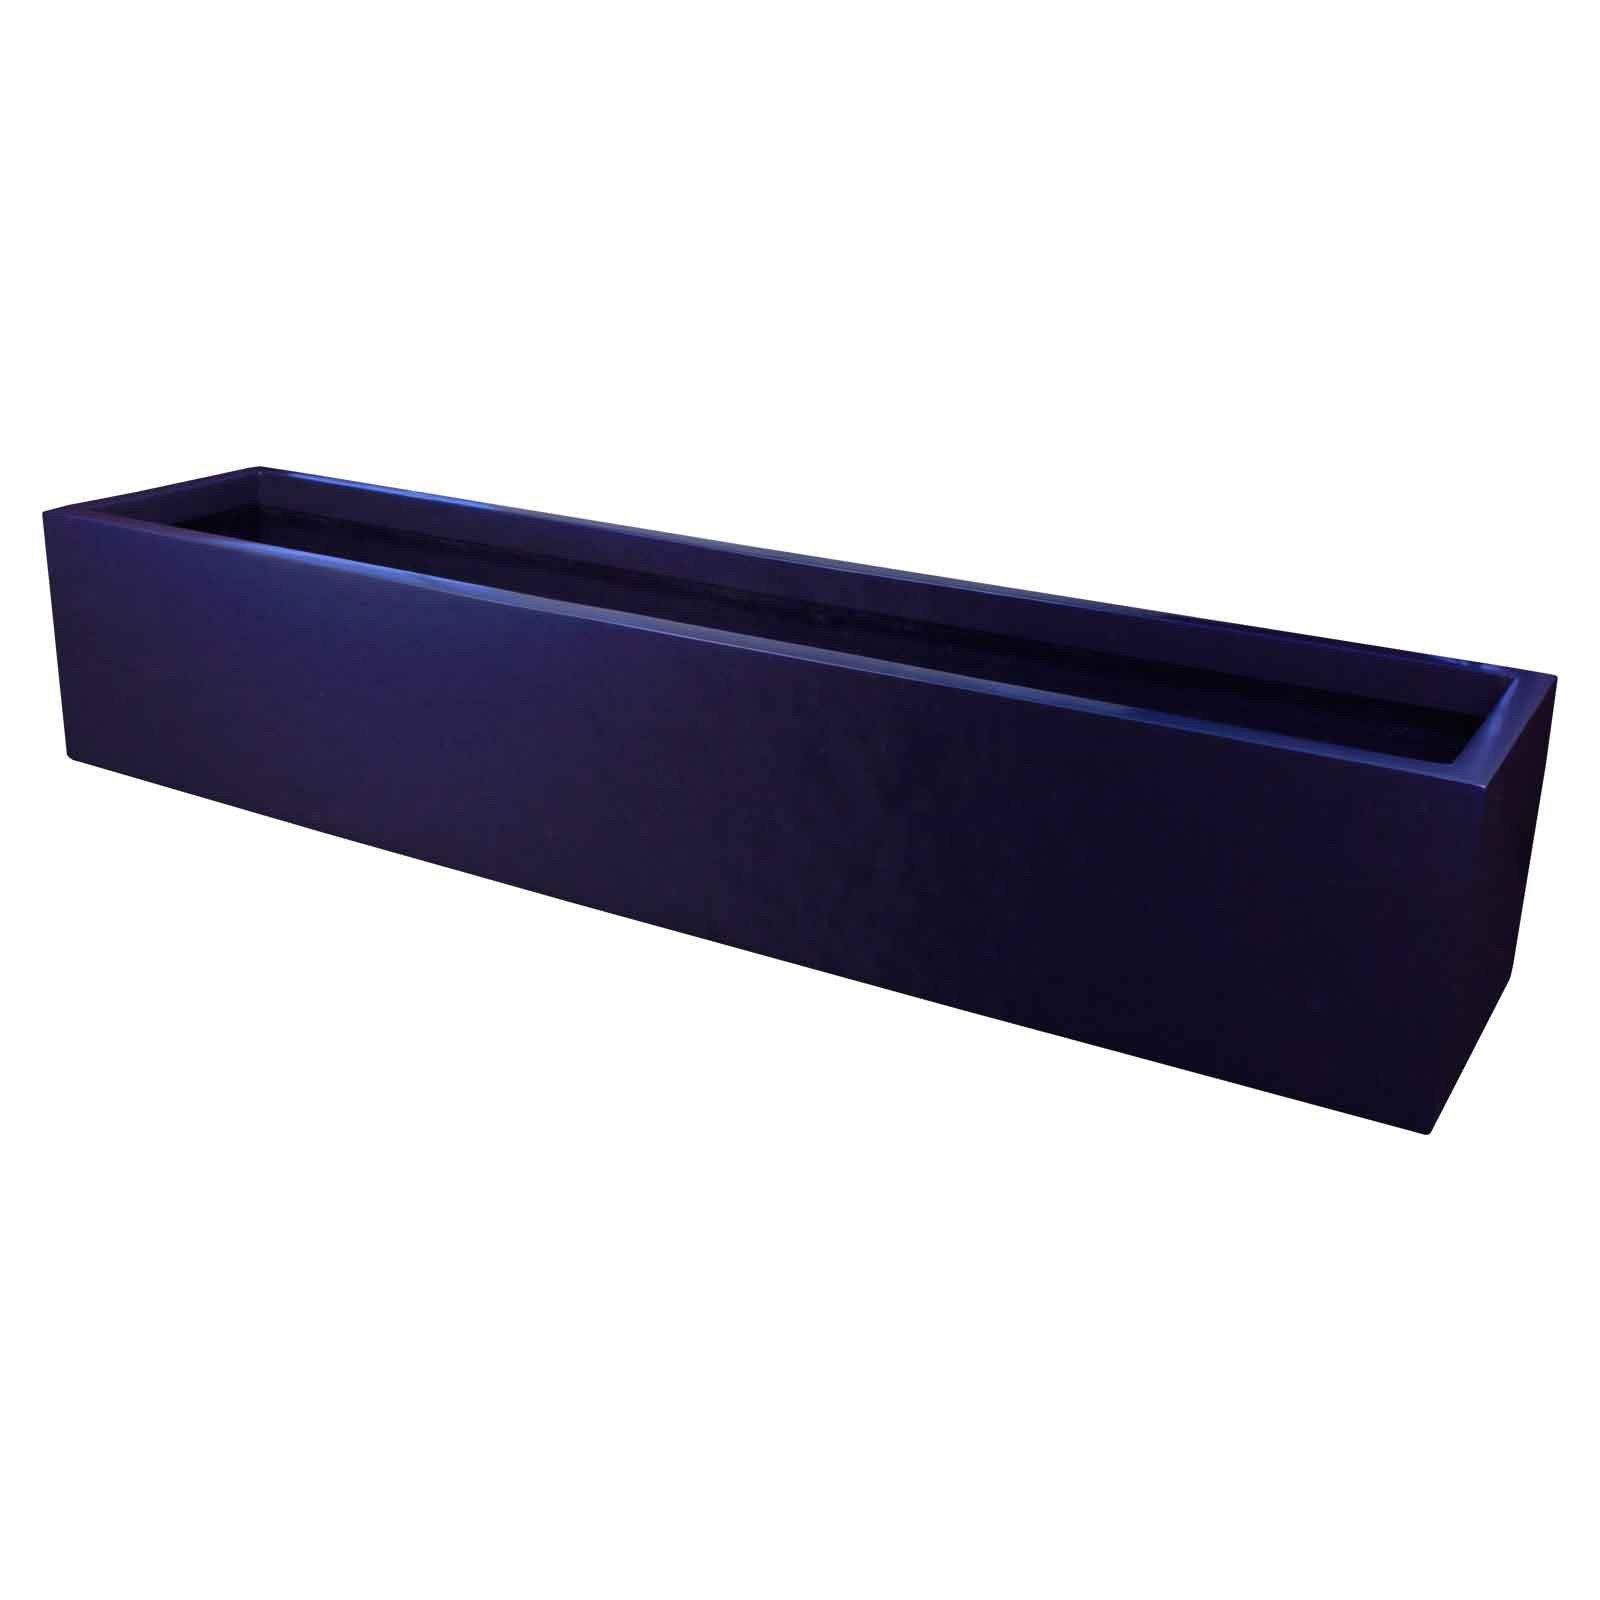 Long Planter Box - Fiberglass - 65'L x 14'W x 12'H